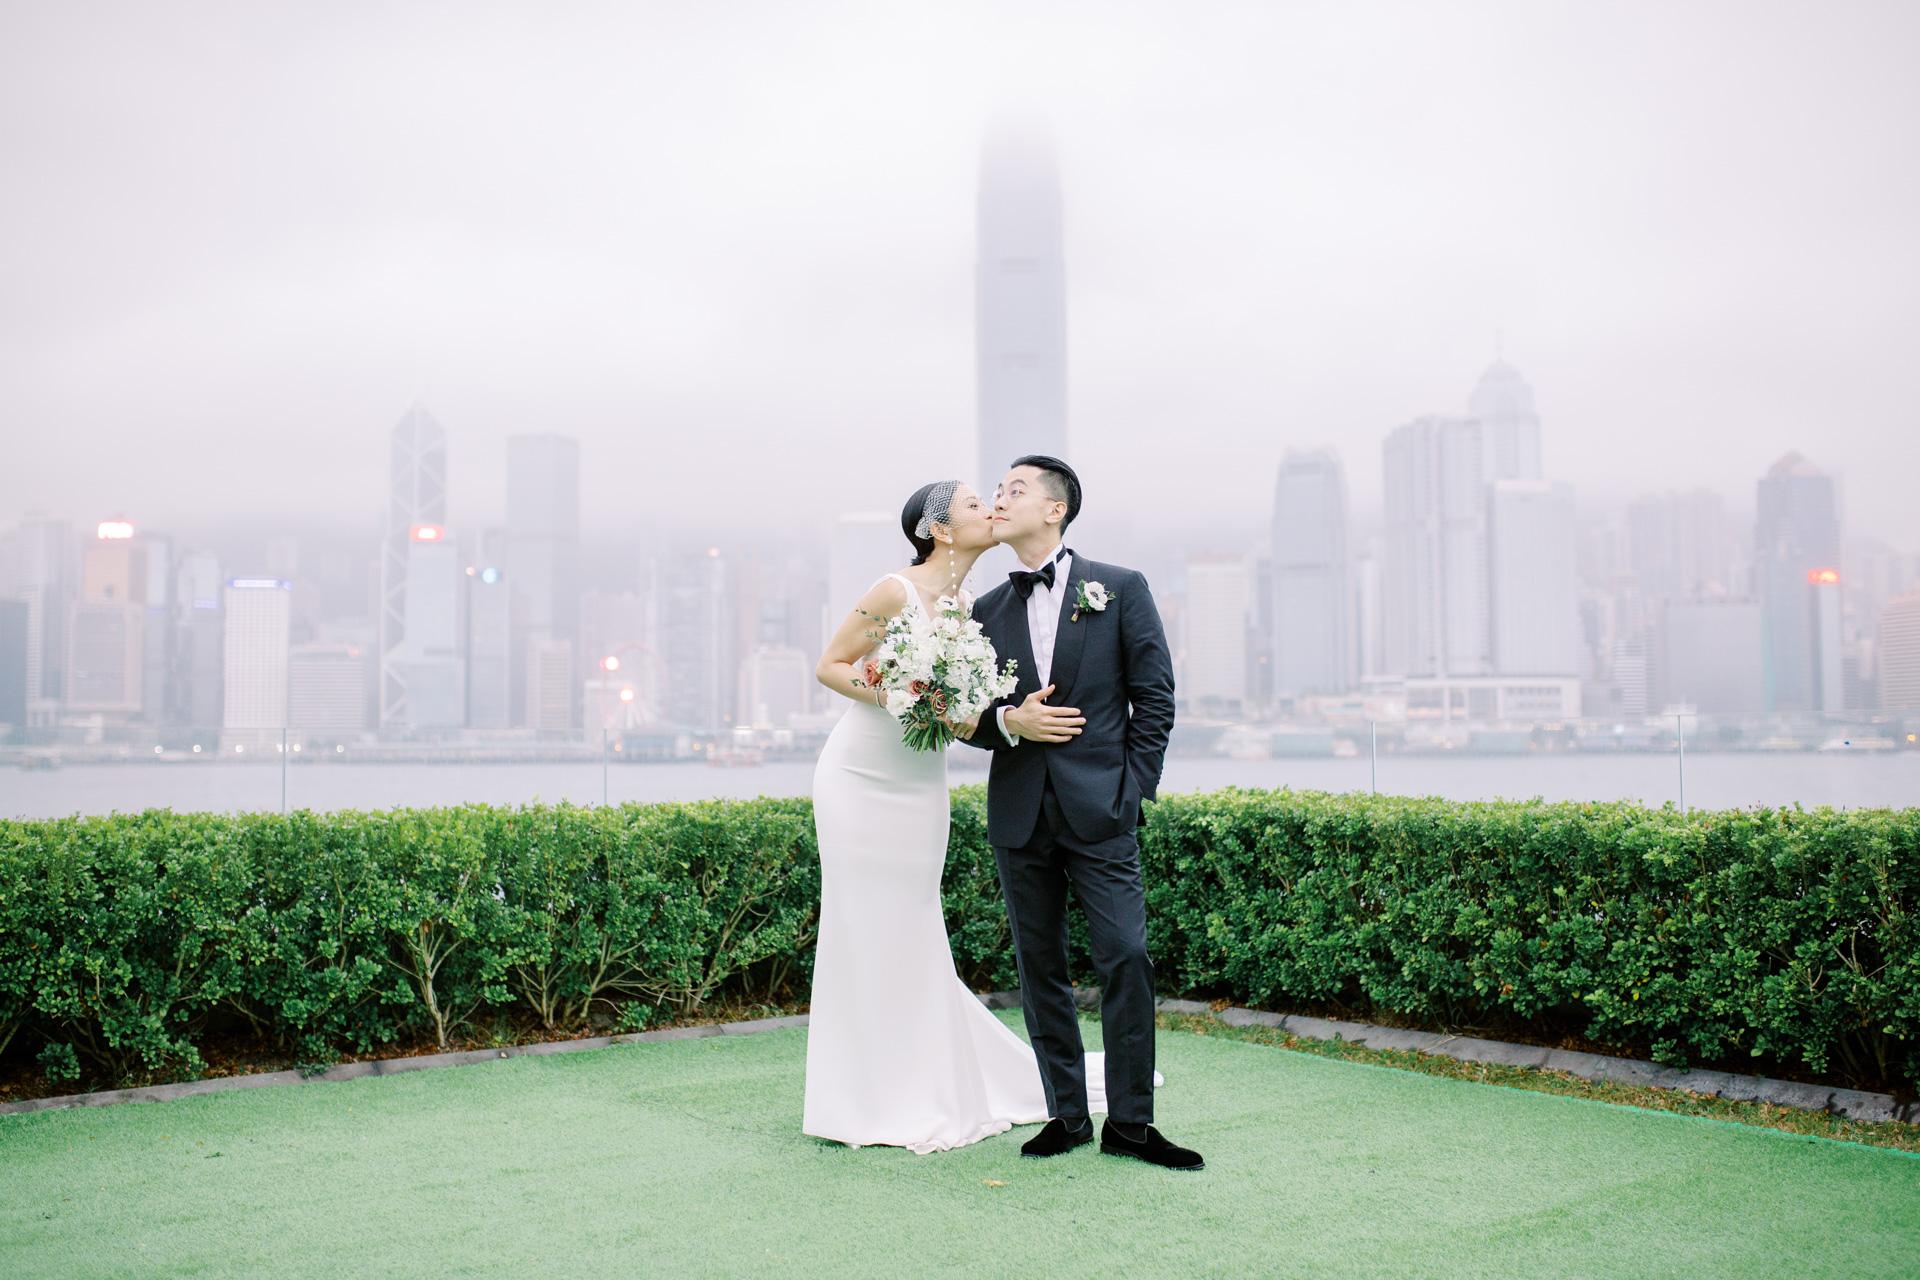 nikkiloveu-hongkong-wedding-day-hexa-ant-cat-lauhaus-027.jpg